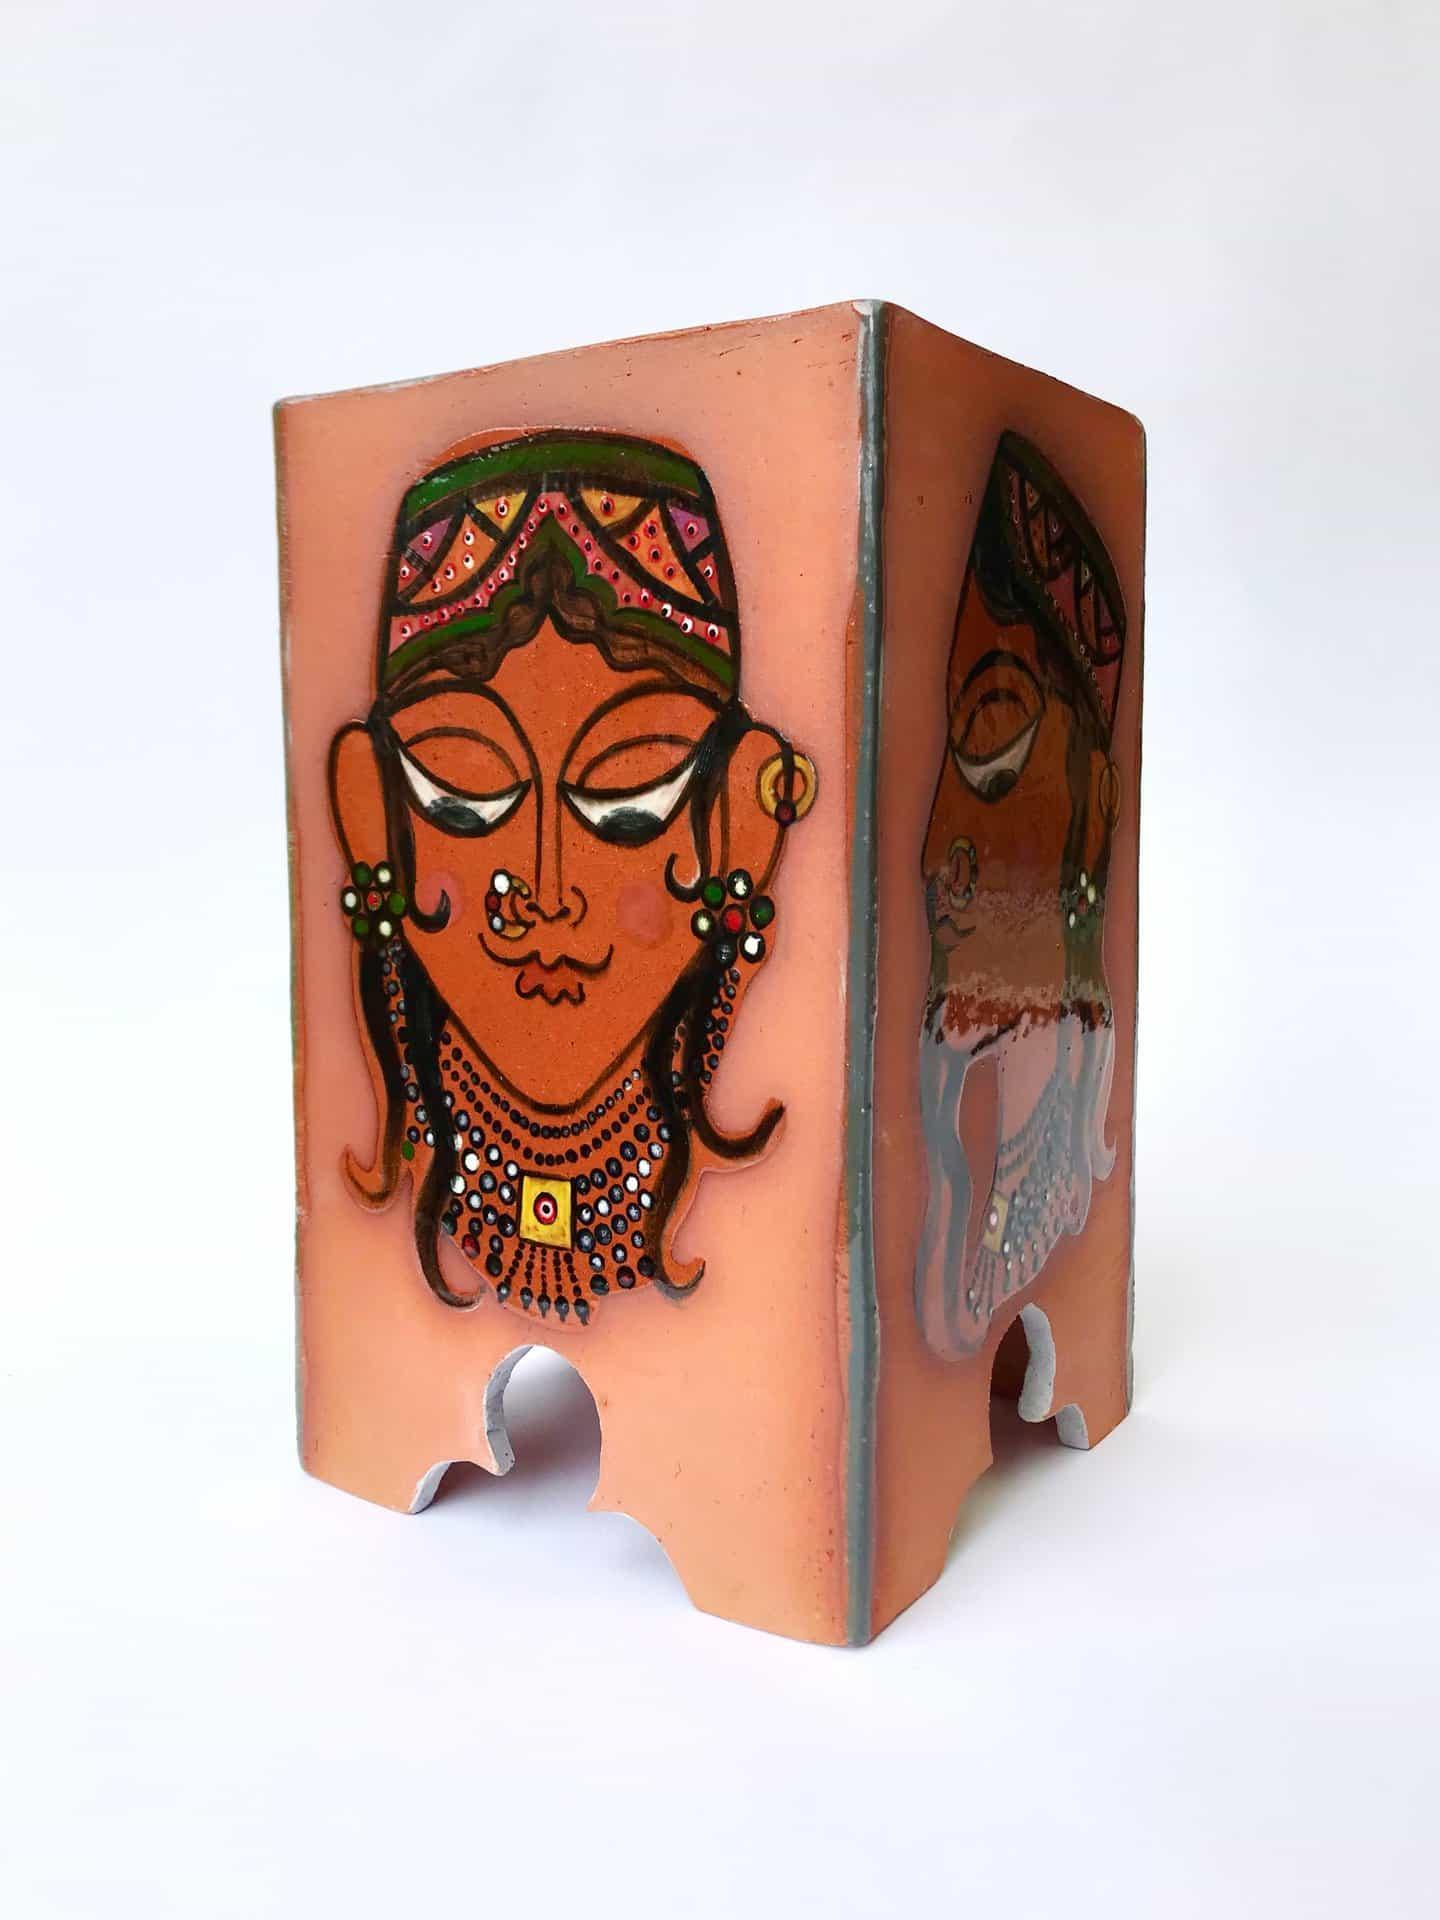 La artista de cerámica Nehal Aamir decora su trabajo con imágenes de camiones paquistaníes y arte islámico.